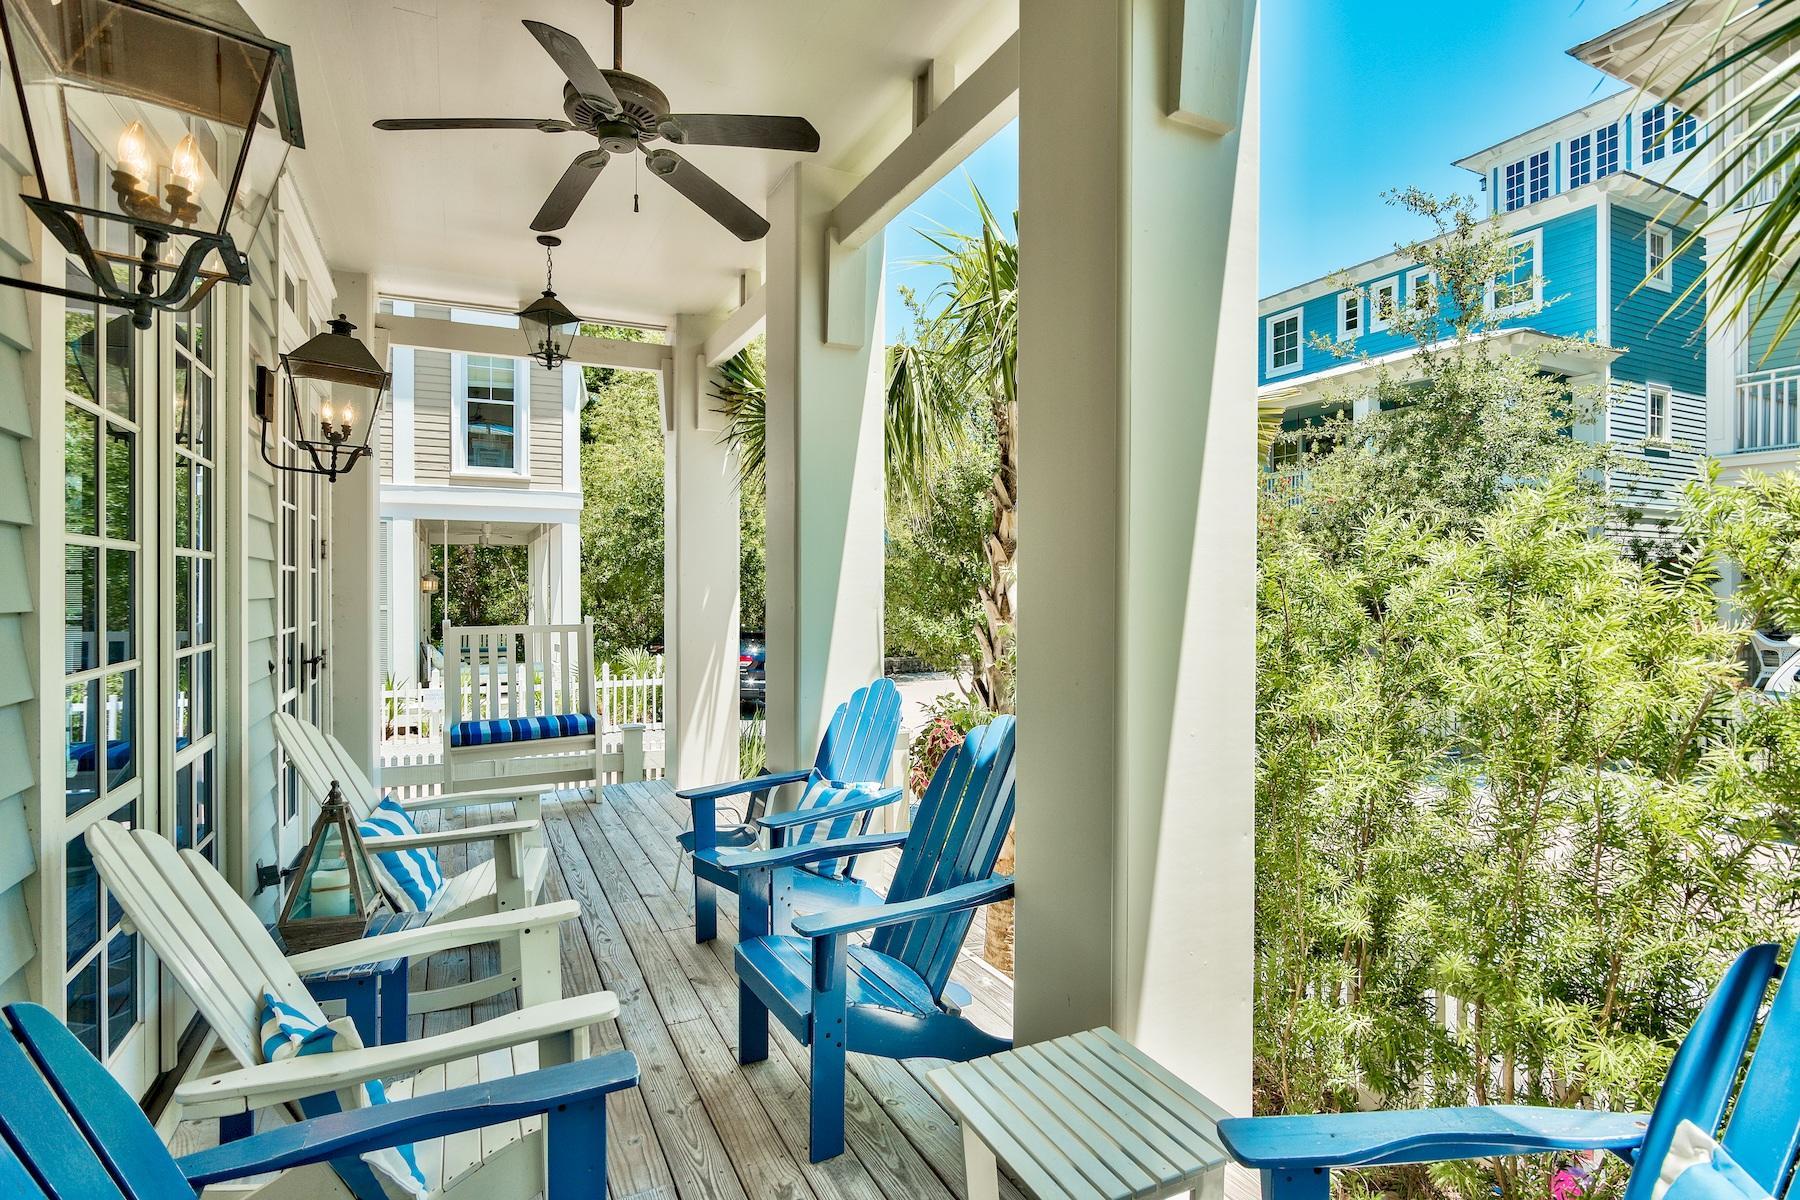 50 Venice,Santa Rosa Beach,Florida 32459,4 Bedrooms Bedrooms,4 BathroomsBathrooms,Detached single family,Venice,20131126143817002353000000